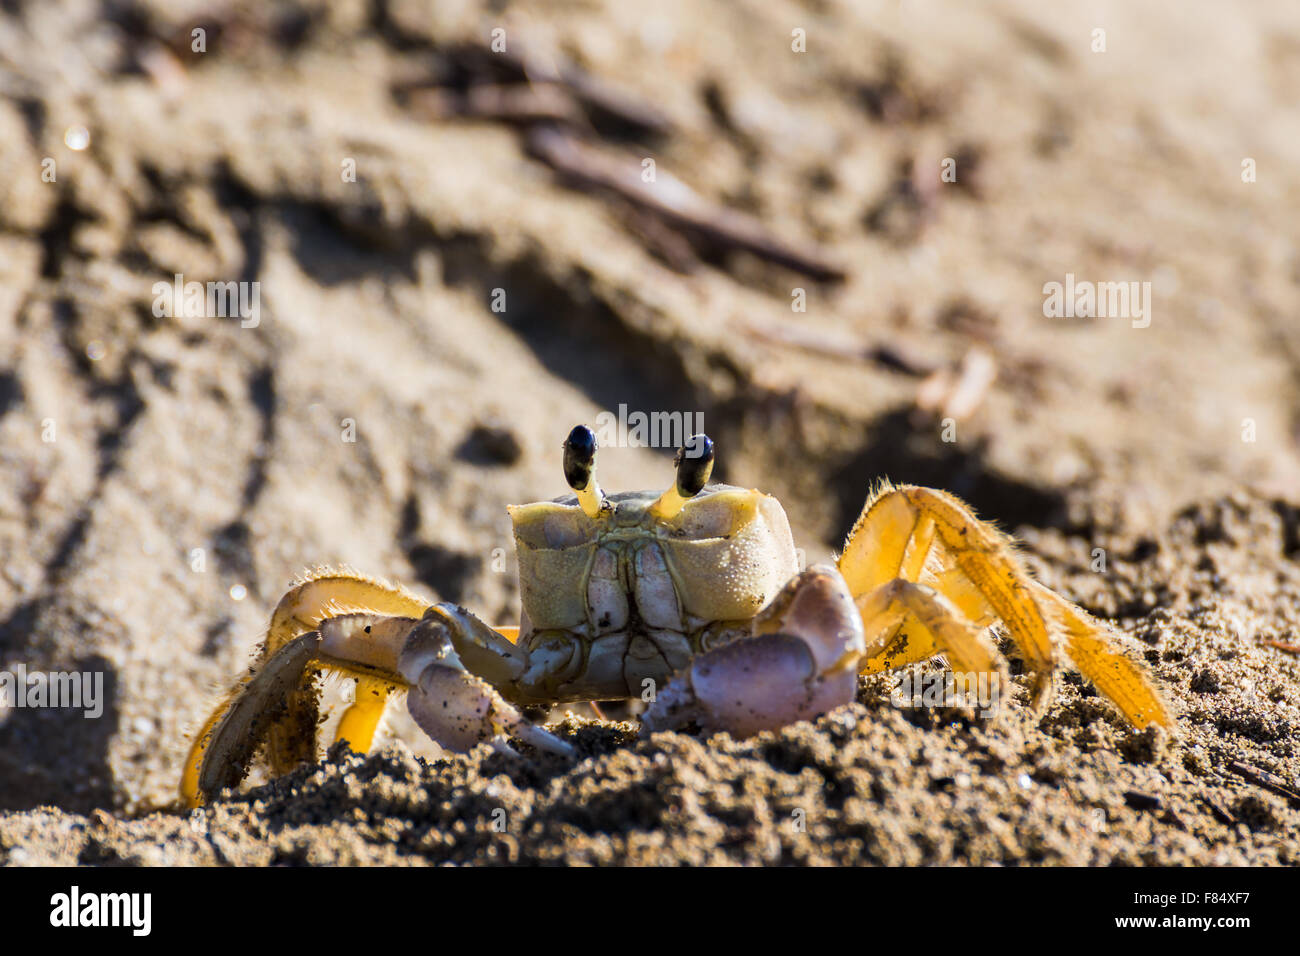 Un adulto de cangrejo de arena junto a su madriguera en Playa Yaguanabo explora la playa de alimentos como el sol sale detrás de él. Foto de stock